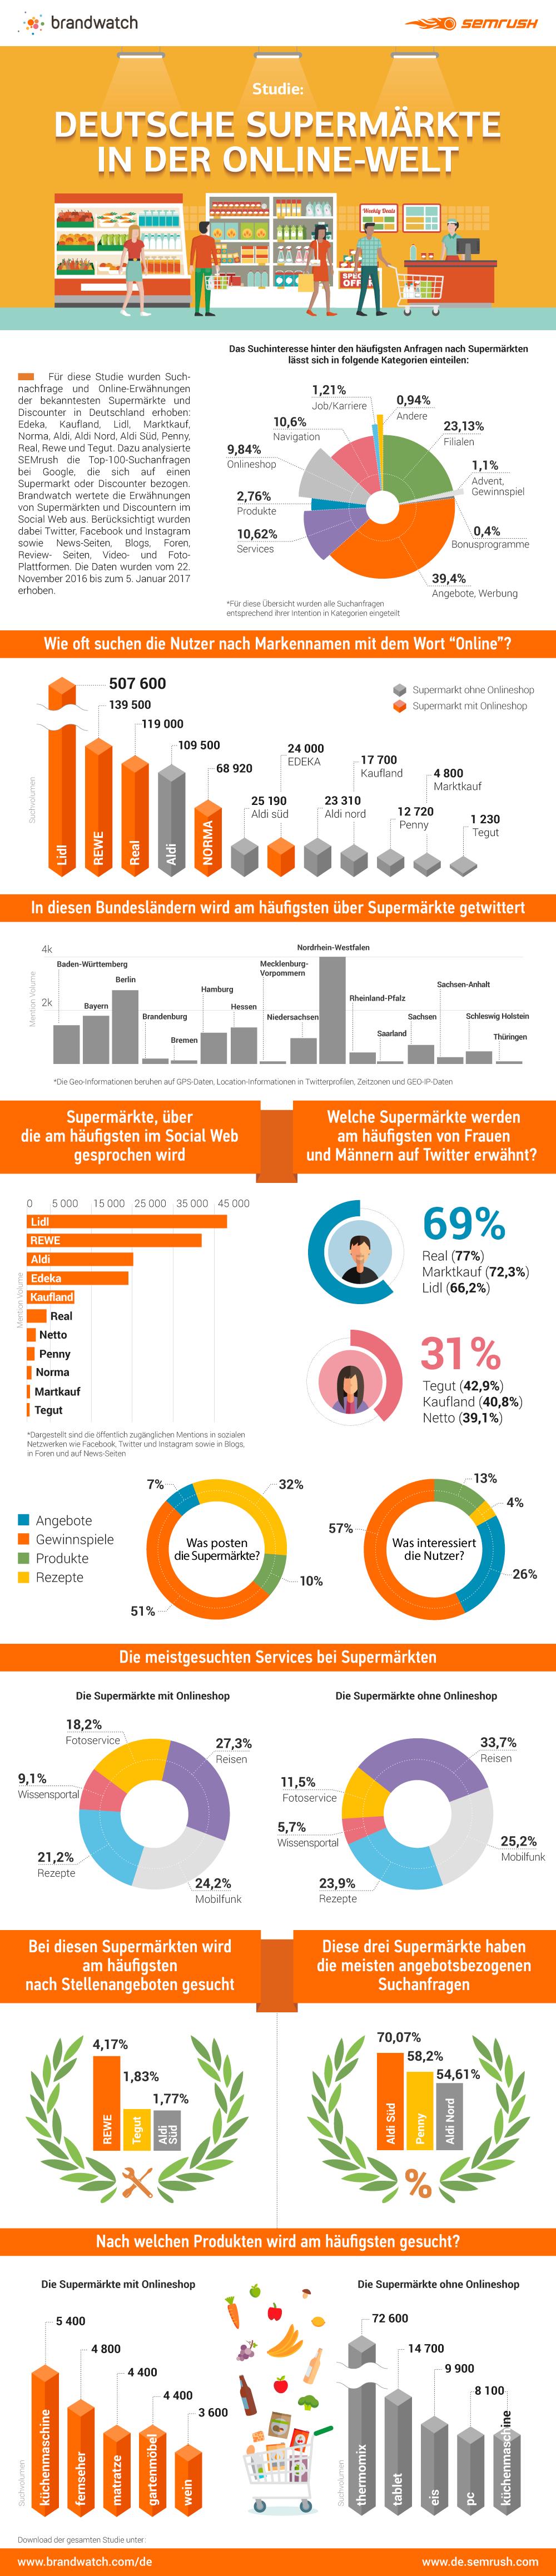 Studie: Deutsche Supermärkte in der Online-Welt. Bild 0